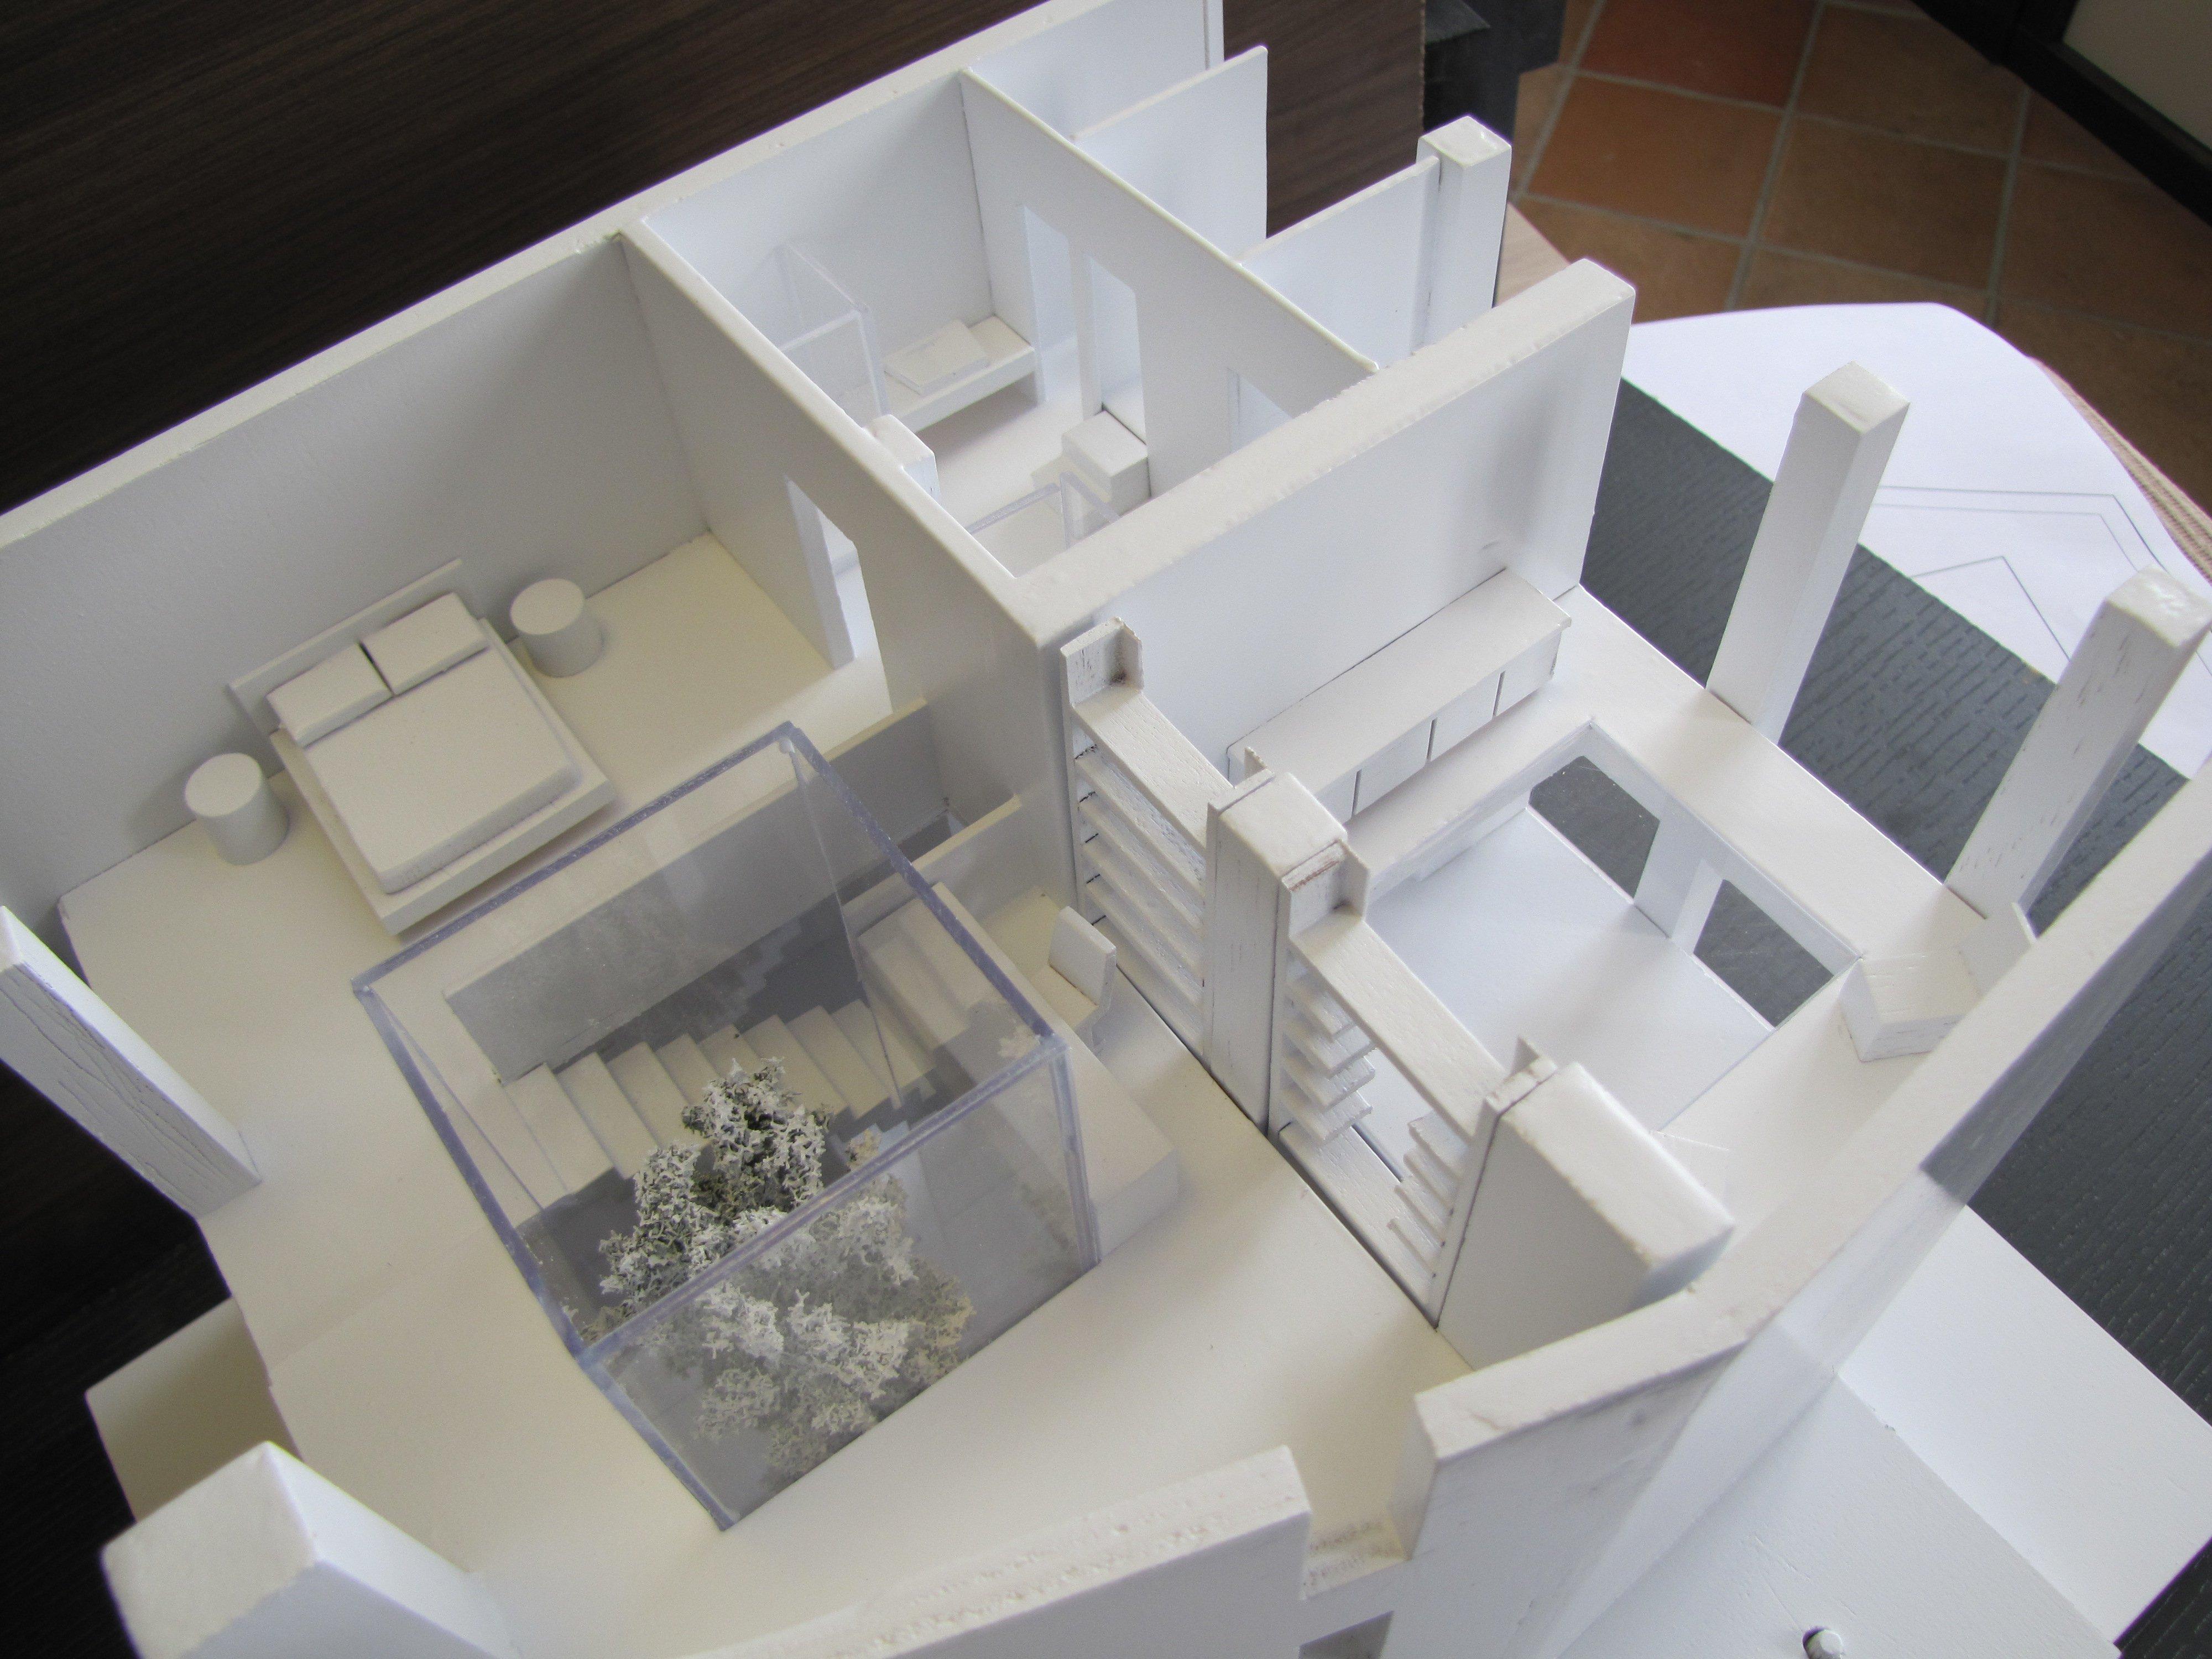 diorama arredi scala 1-25